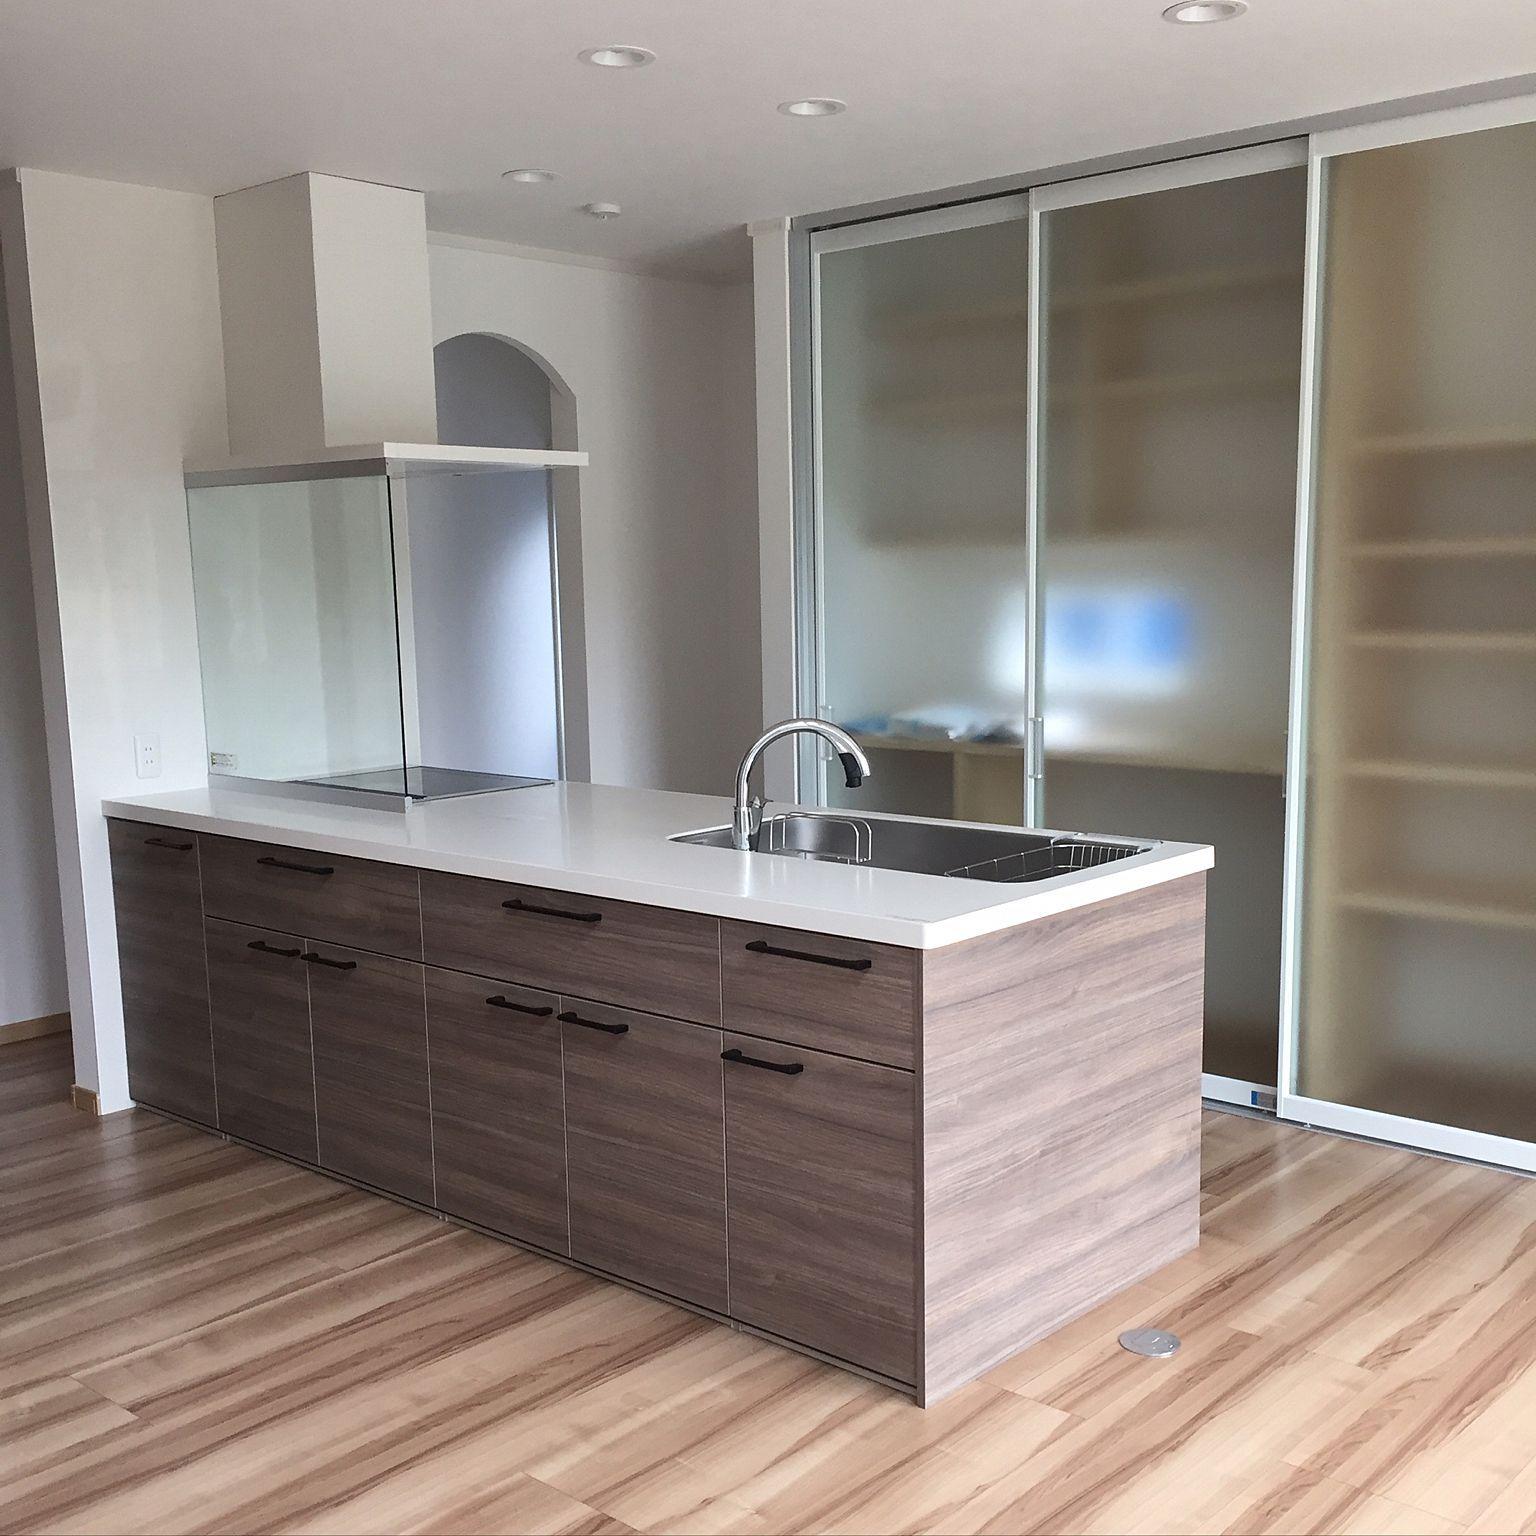 背面収納 アレスタ リクシル キッチン 造作 などのインテリア実例